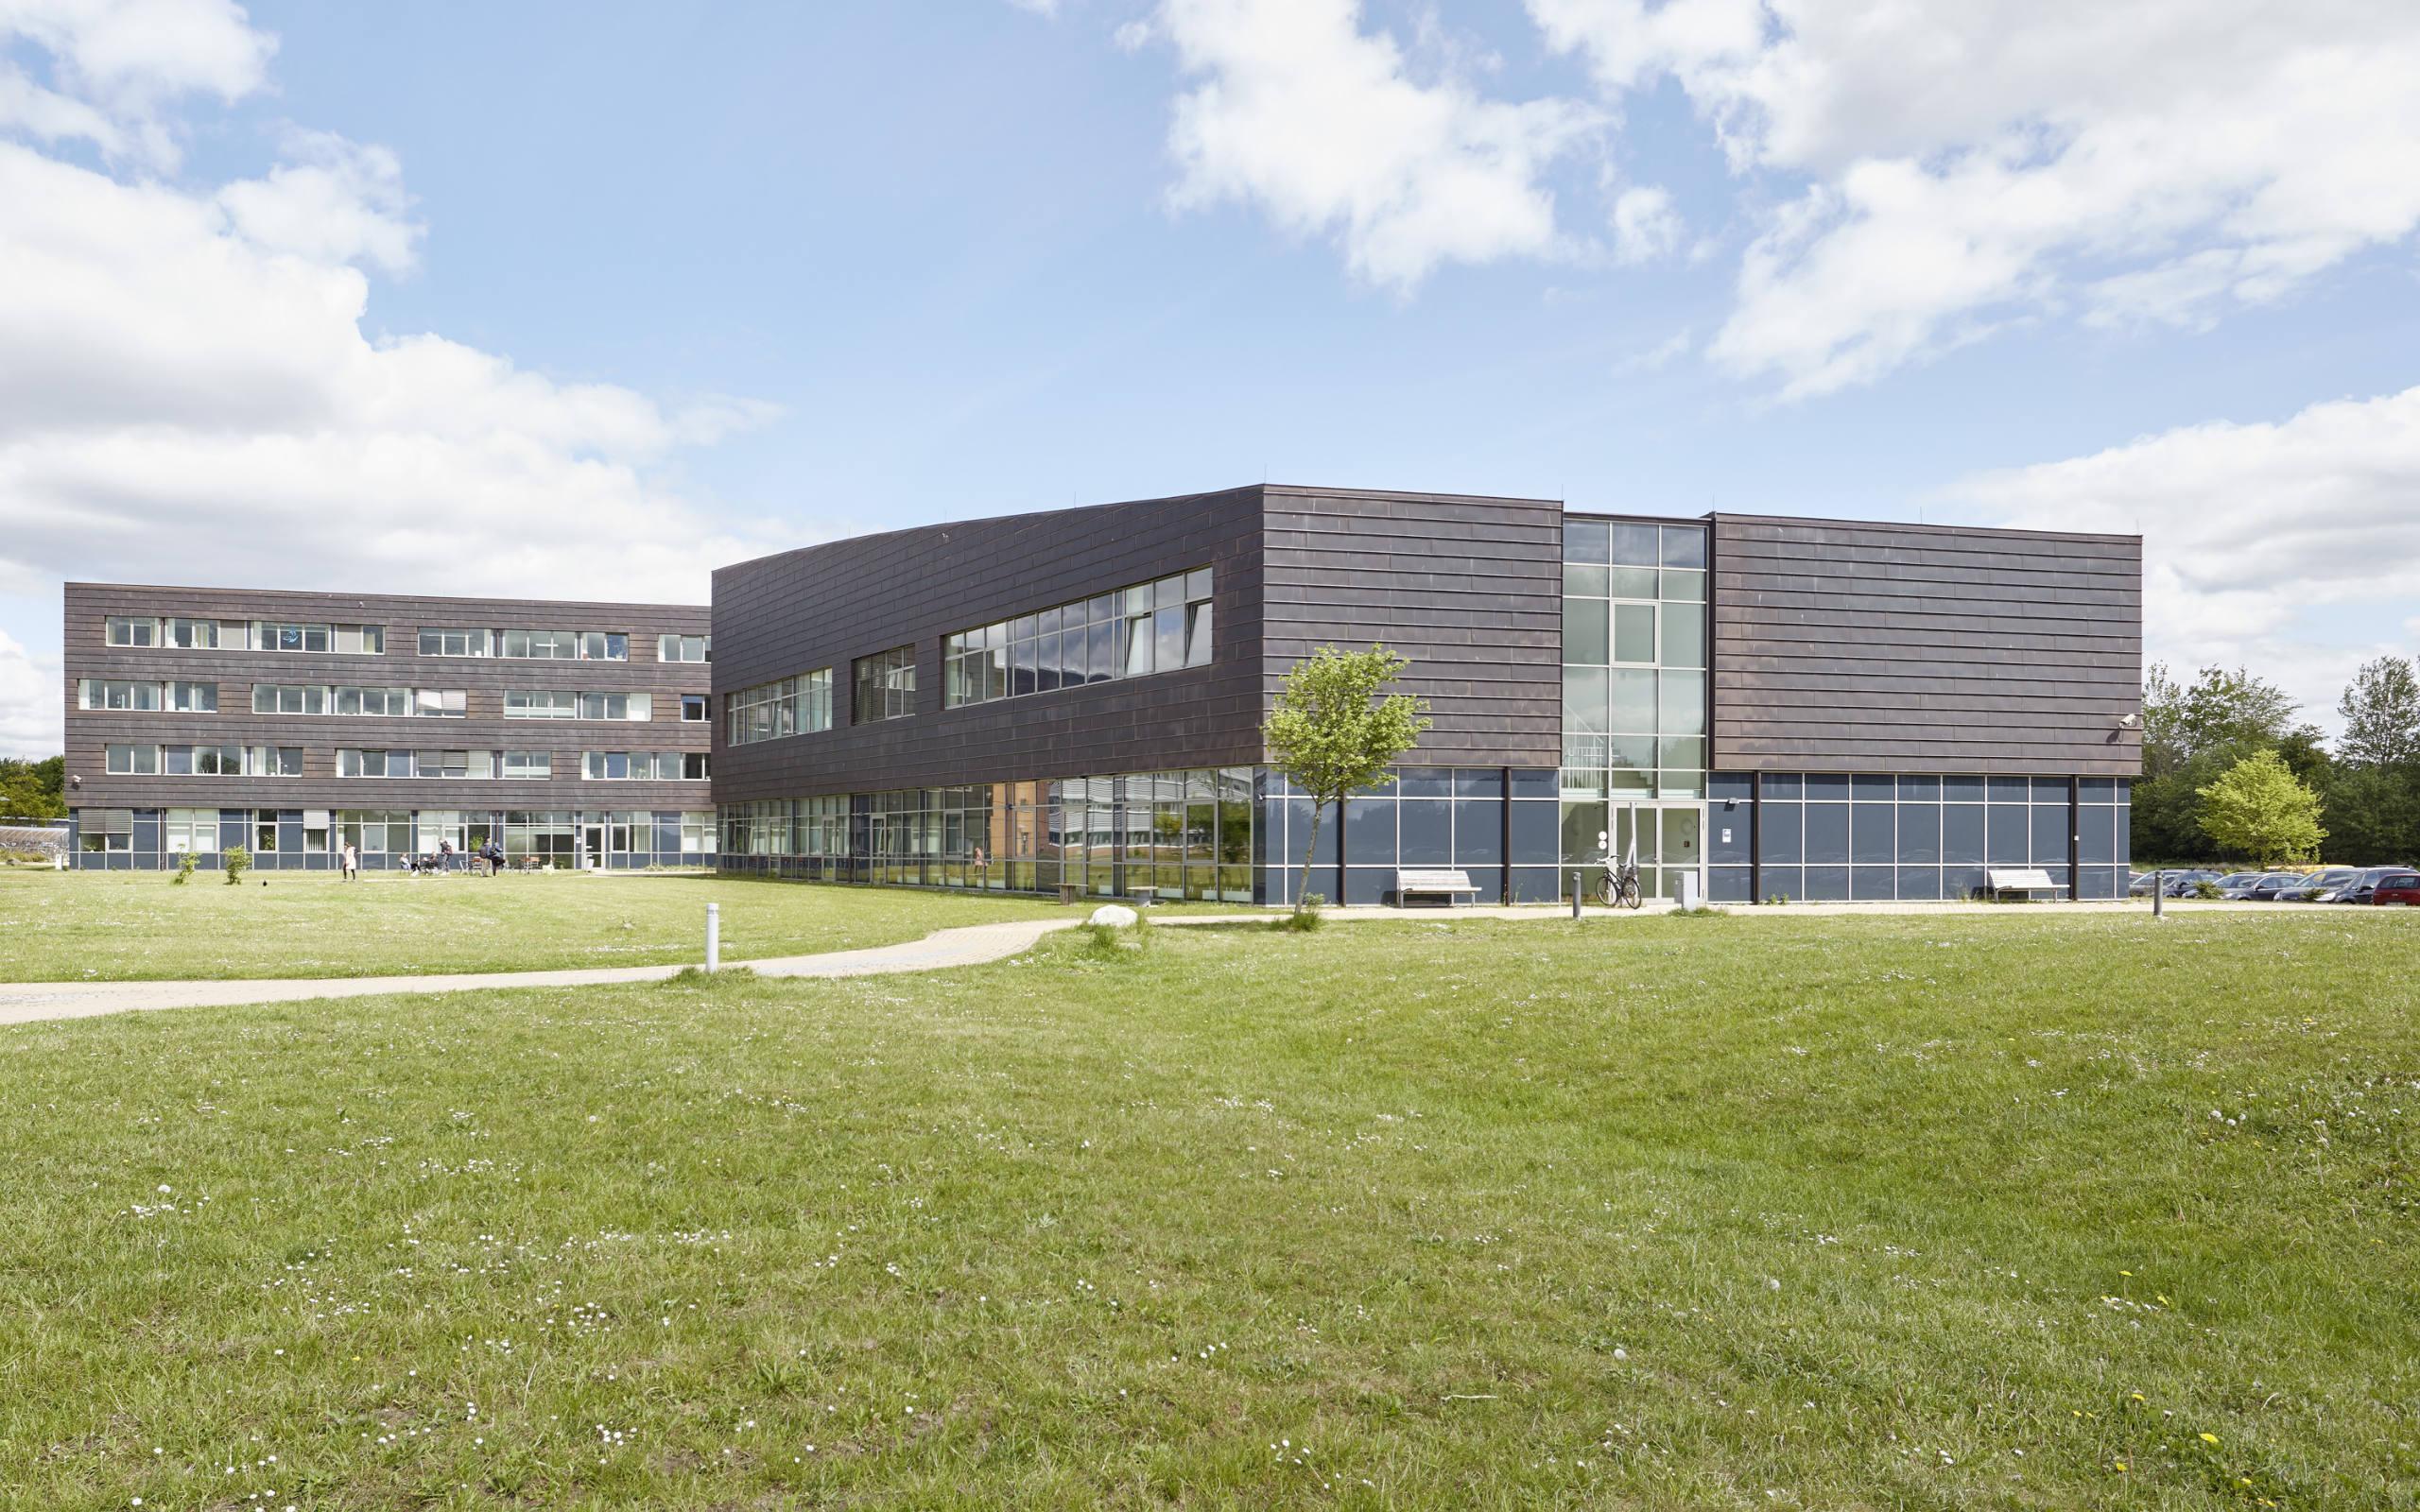 Prüfungsordnung Uni Flensburg